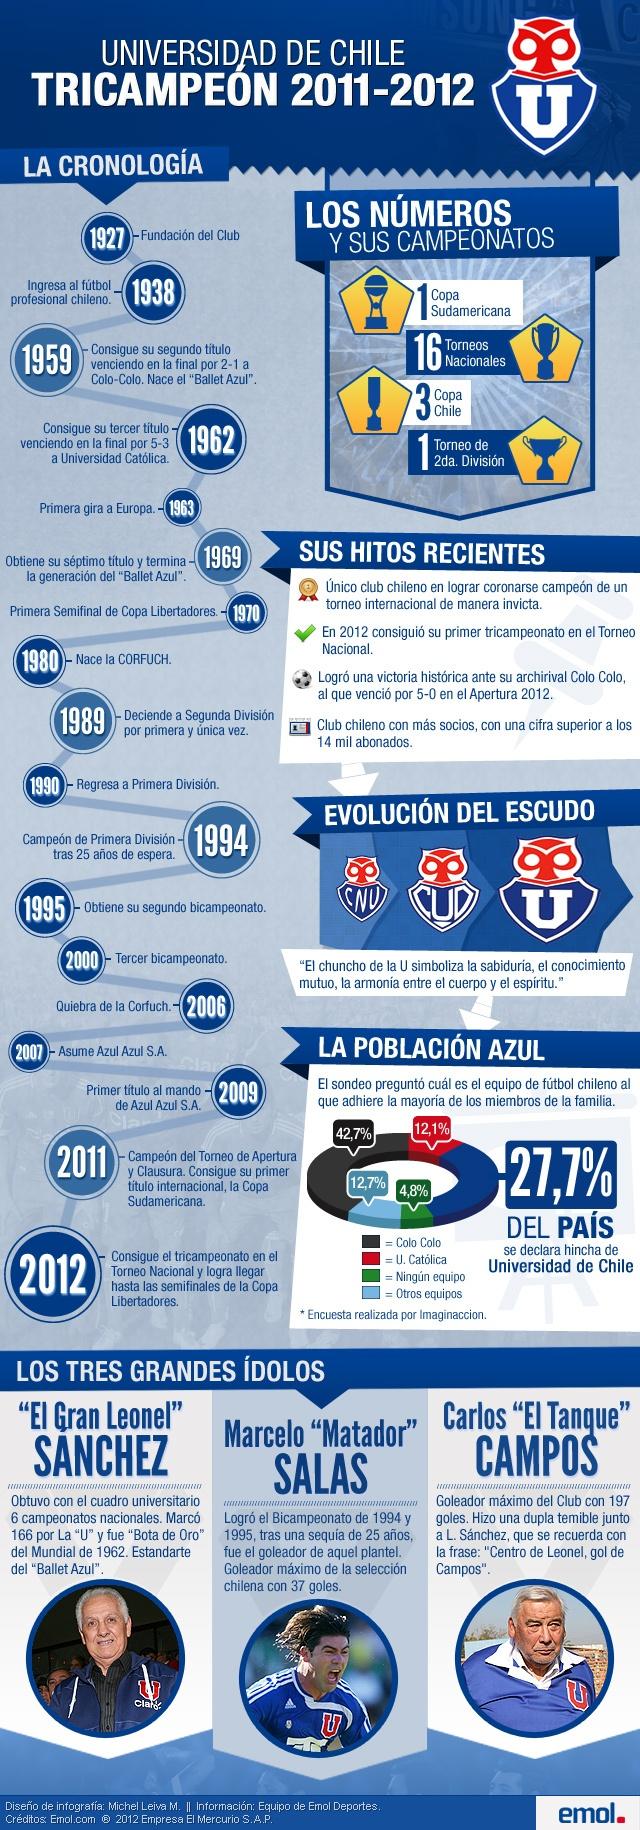 #Infografía Repasa la historia y los logros de Universidad de Chile #UdeChile #Tricampeon